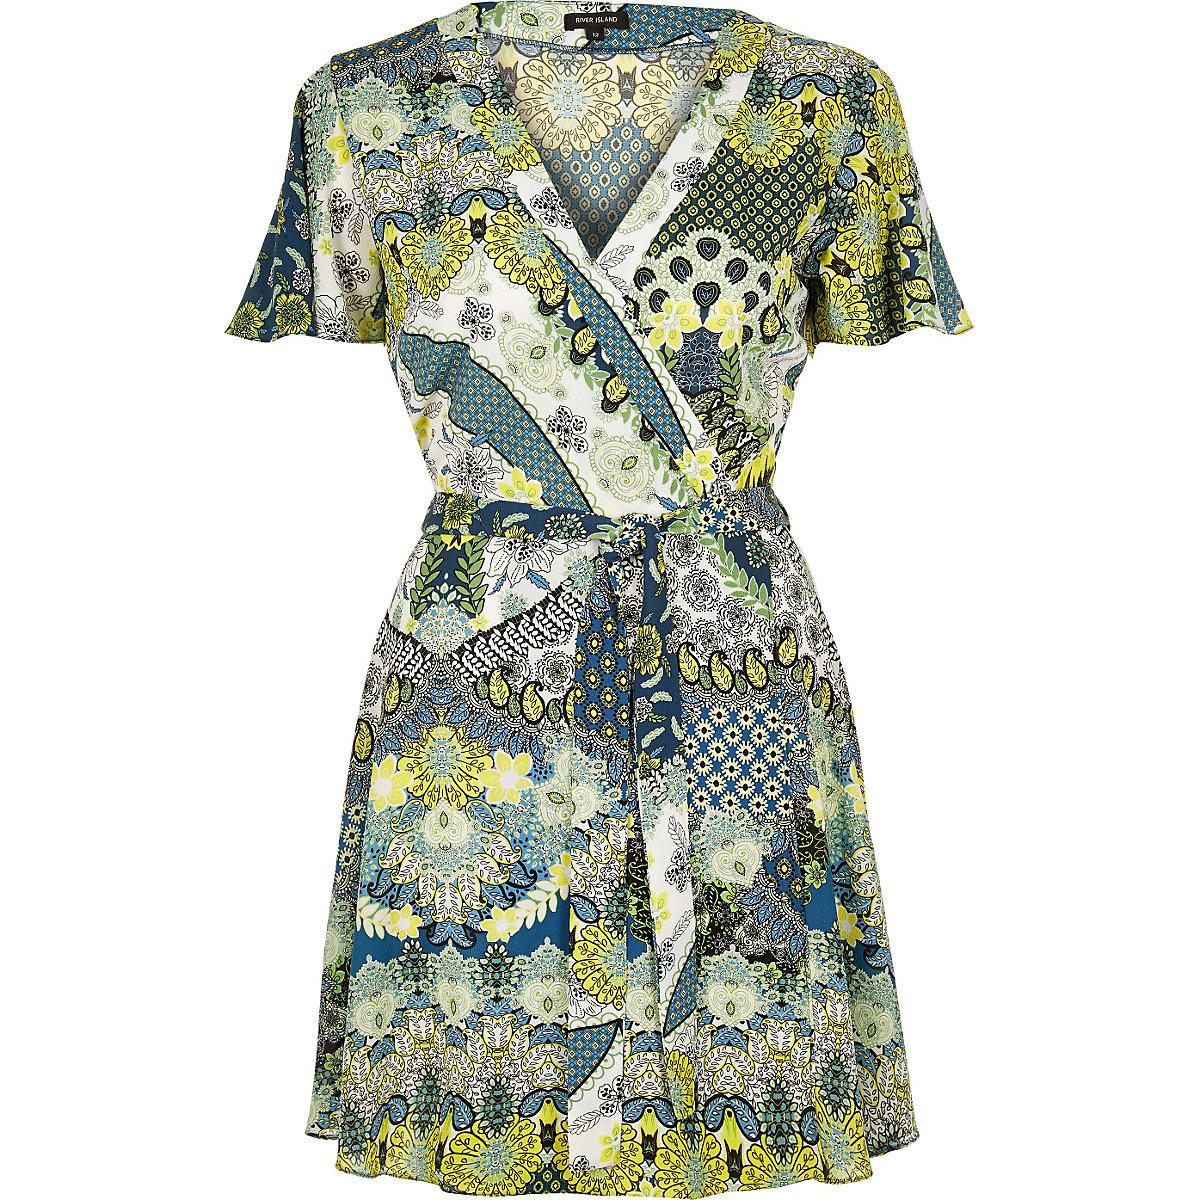 Green tea dress